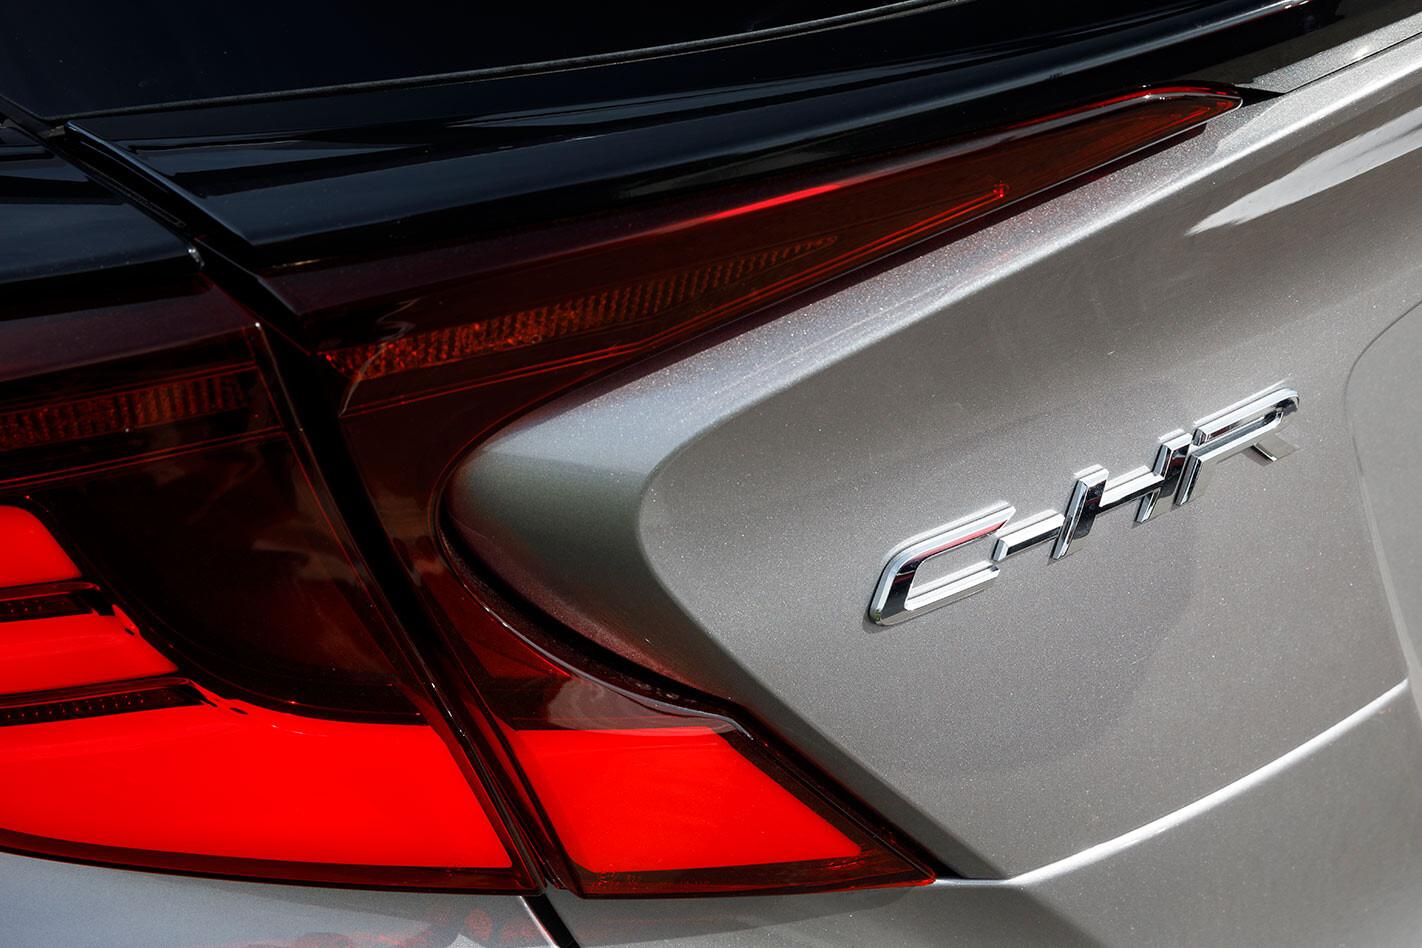 Toyota C-HR badge